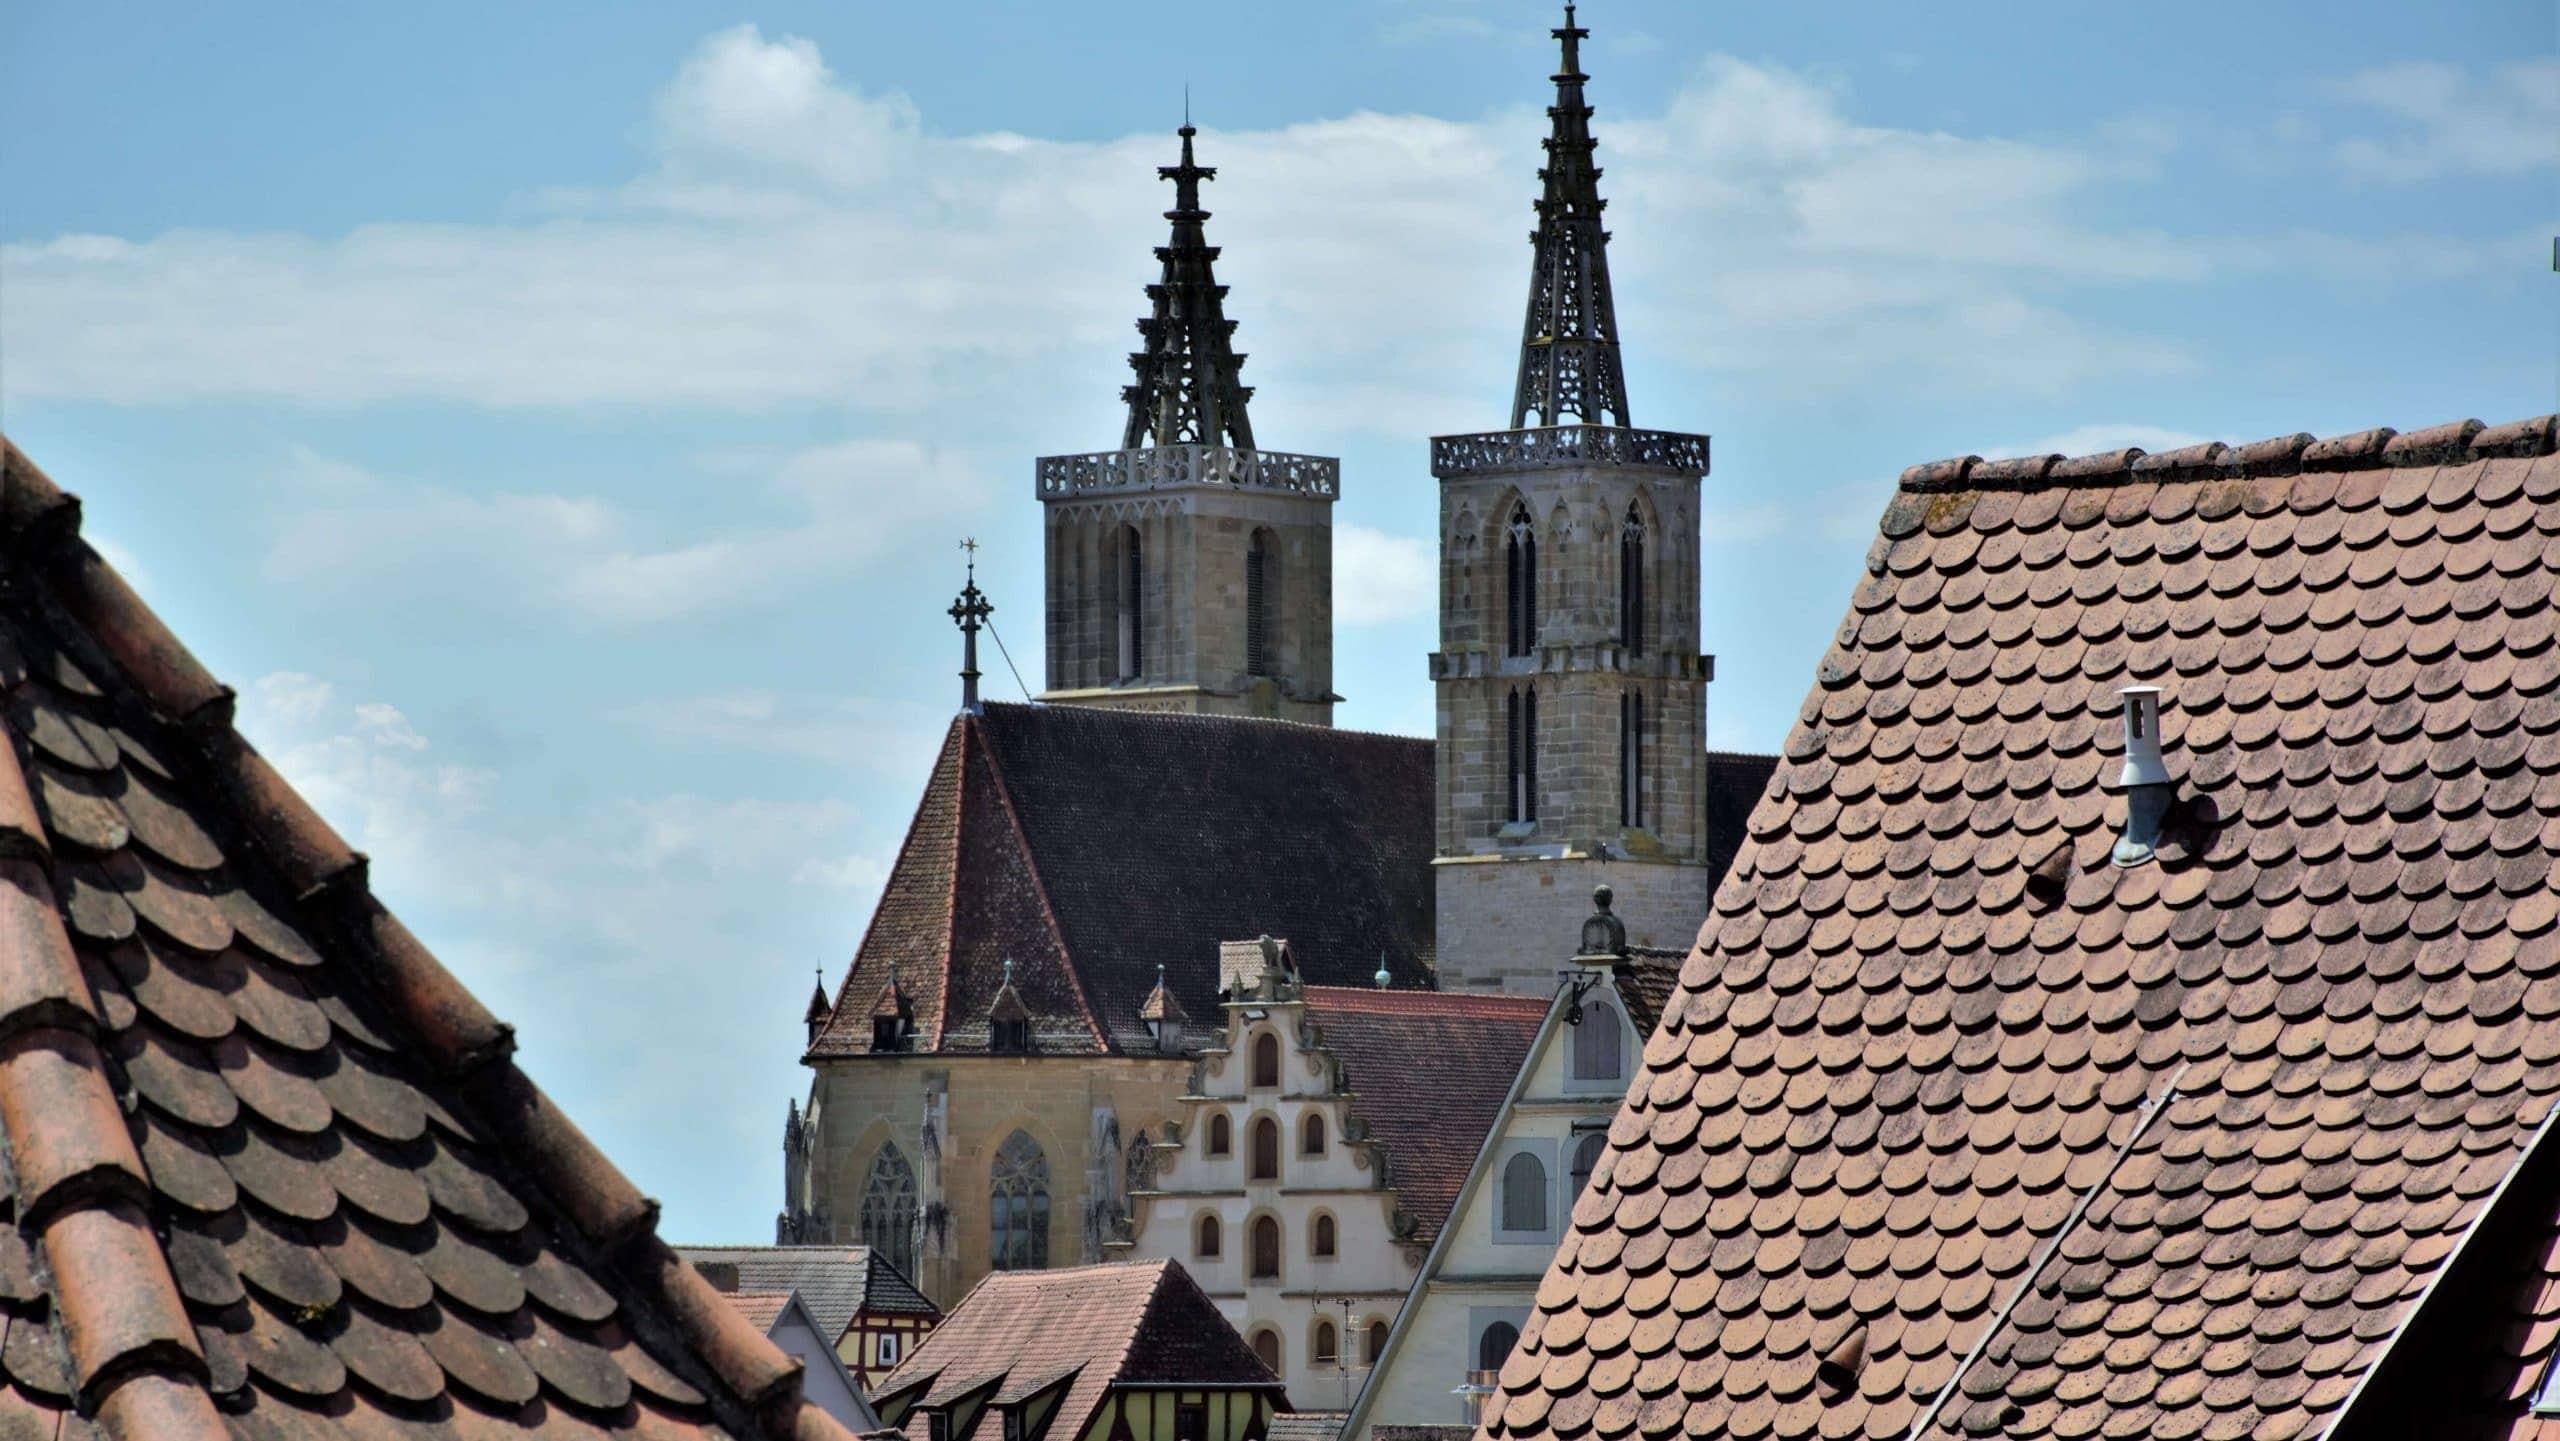 Kirche Rothenburg ob der Tauber